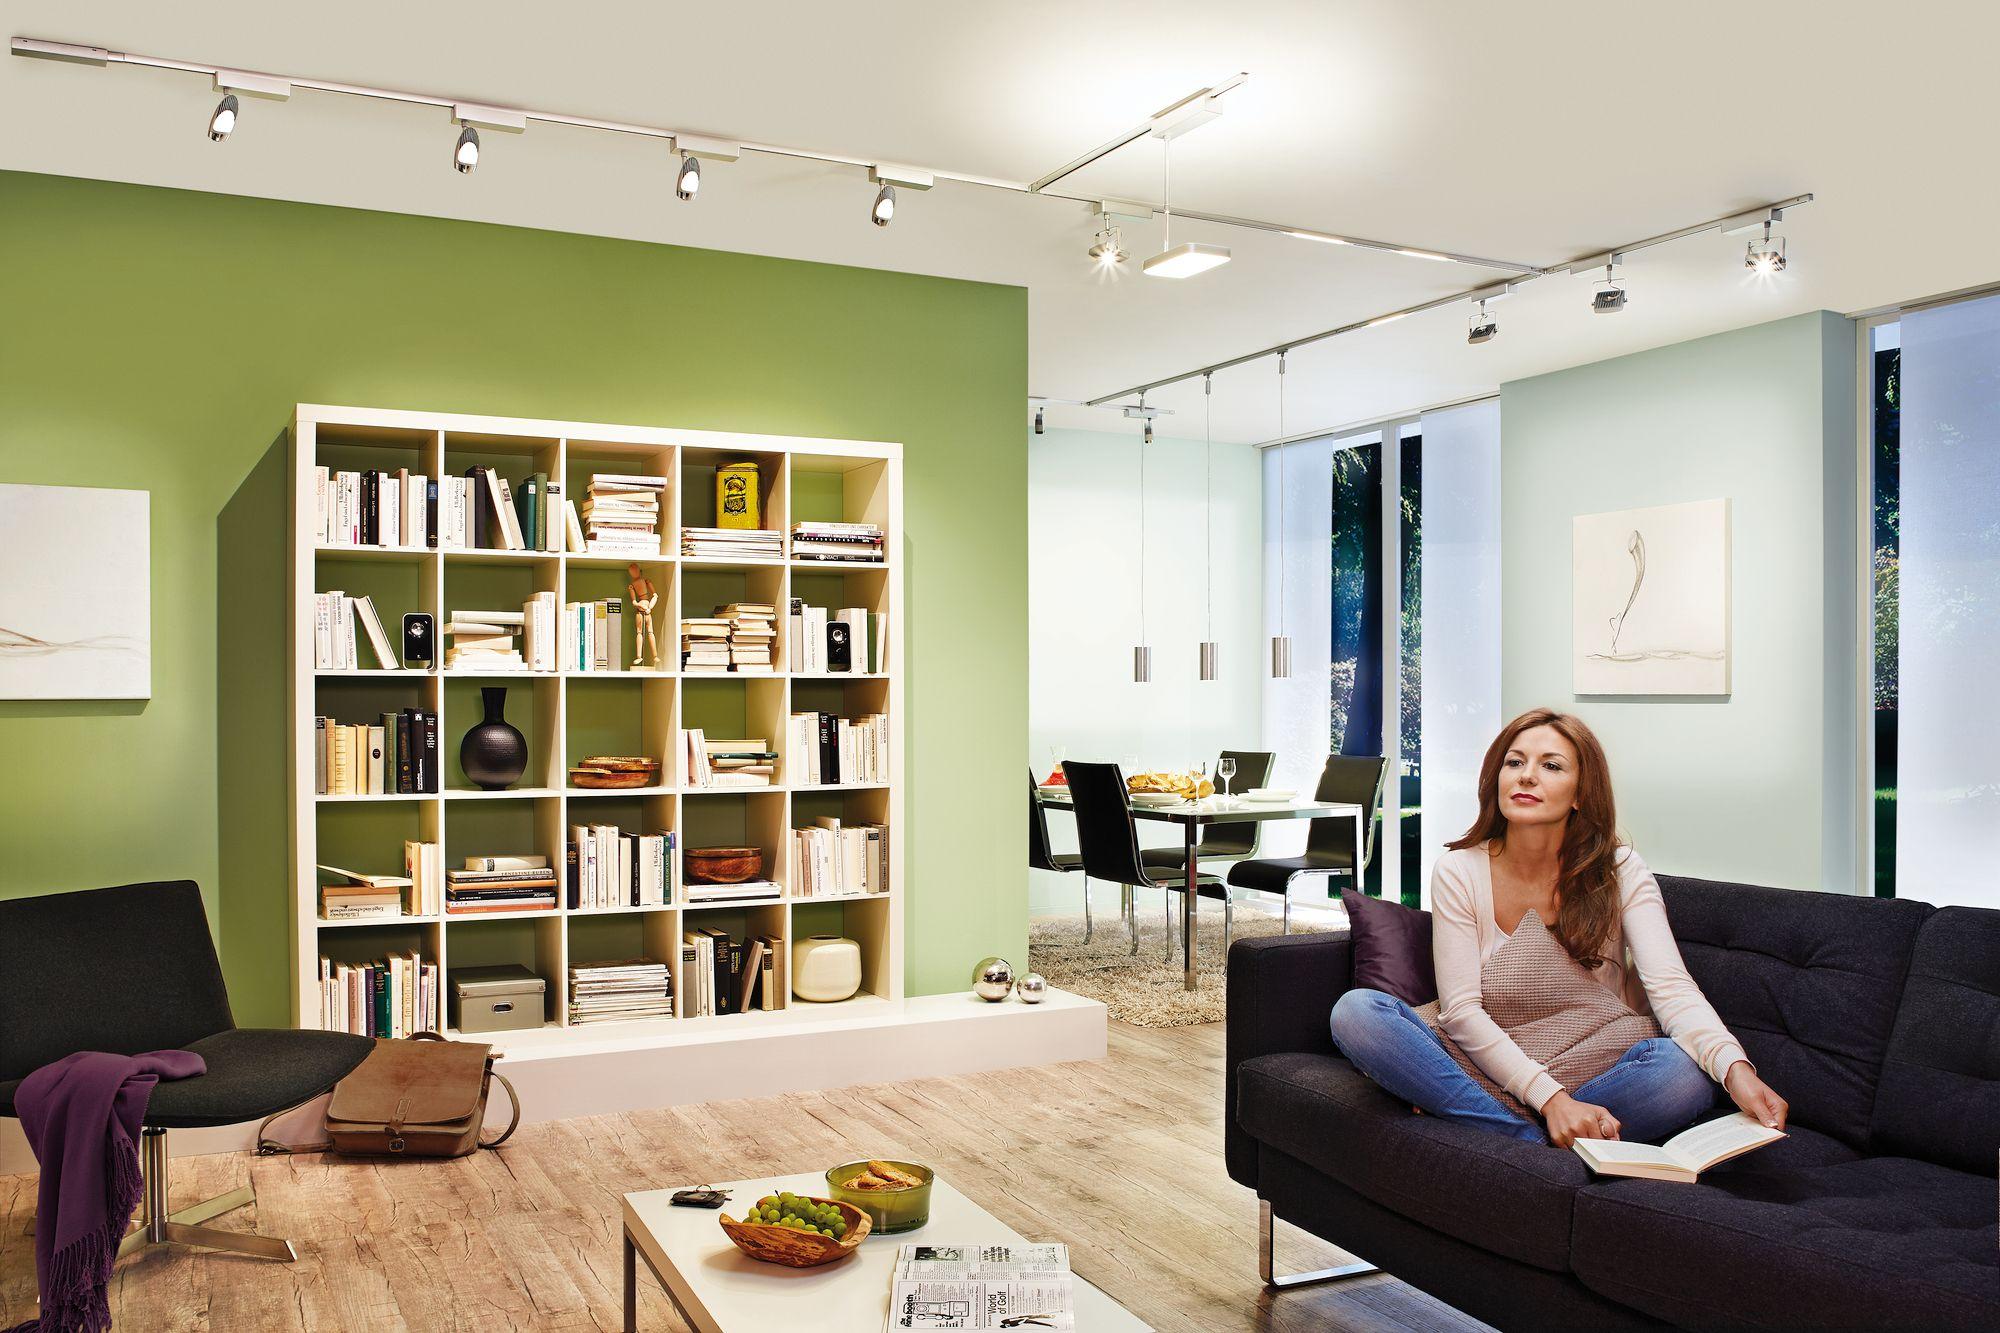 Modernes bungalow innenarchitektur wohnzimmer beleuchtungssysteme wohnzimmer  modernes minimalistisches haus